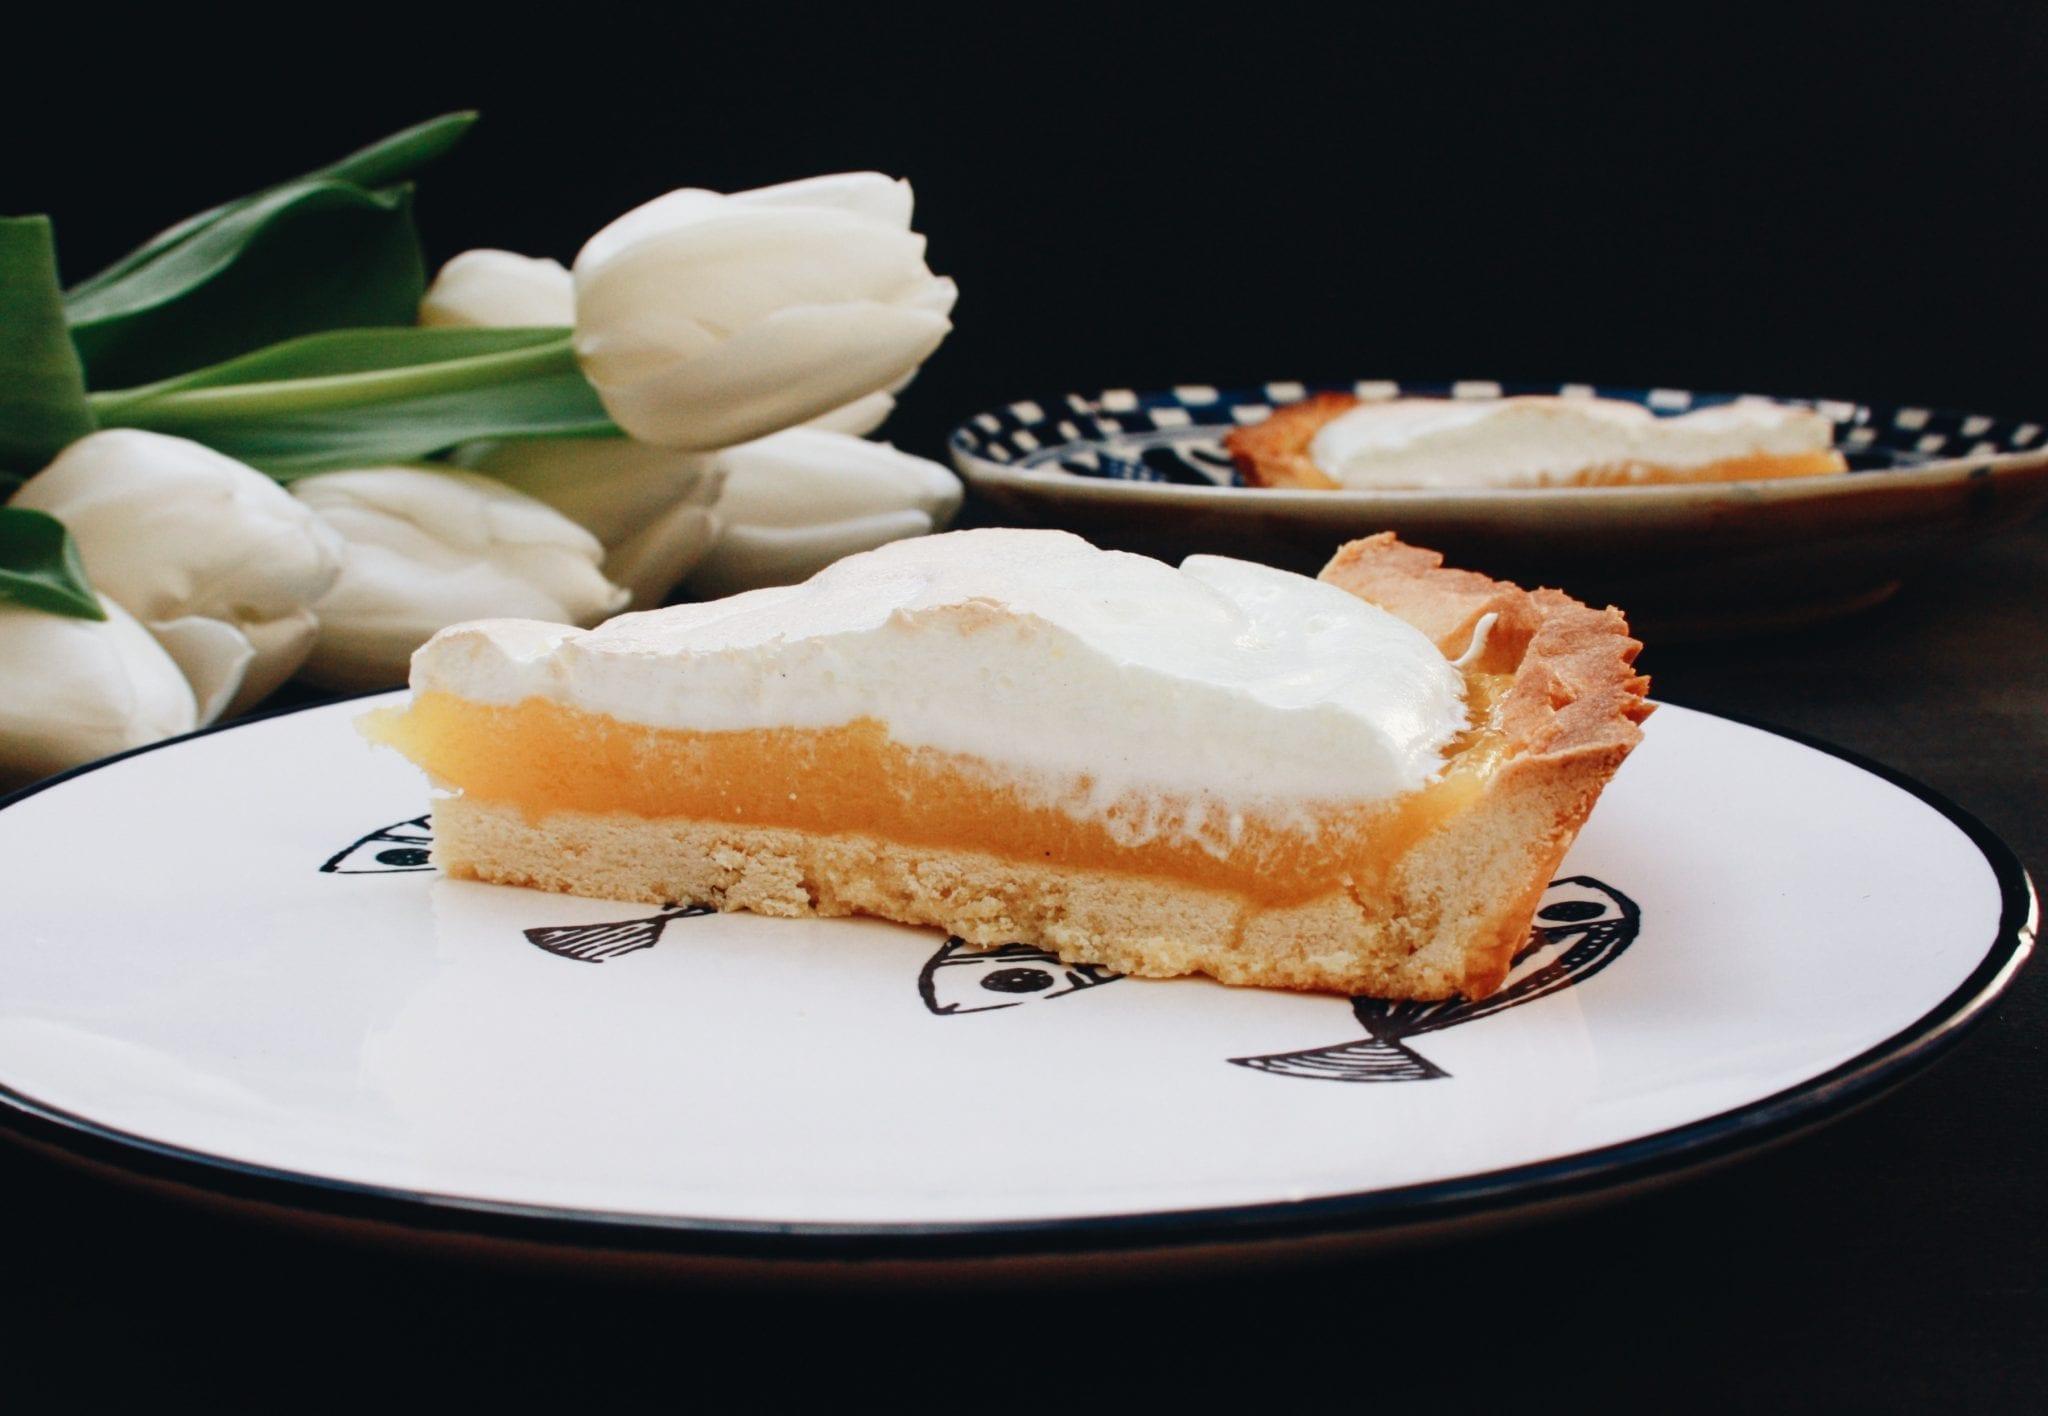 fetta di tarte au citron meringuée - Cuor di Biscotto - Le Plume